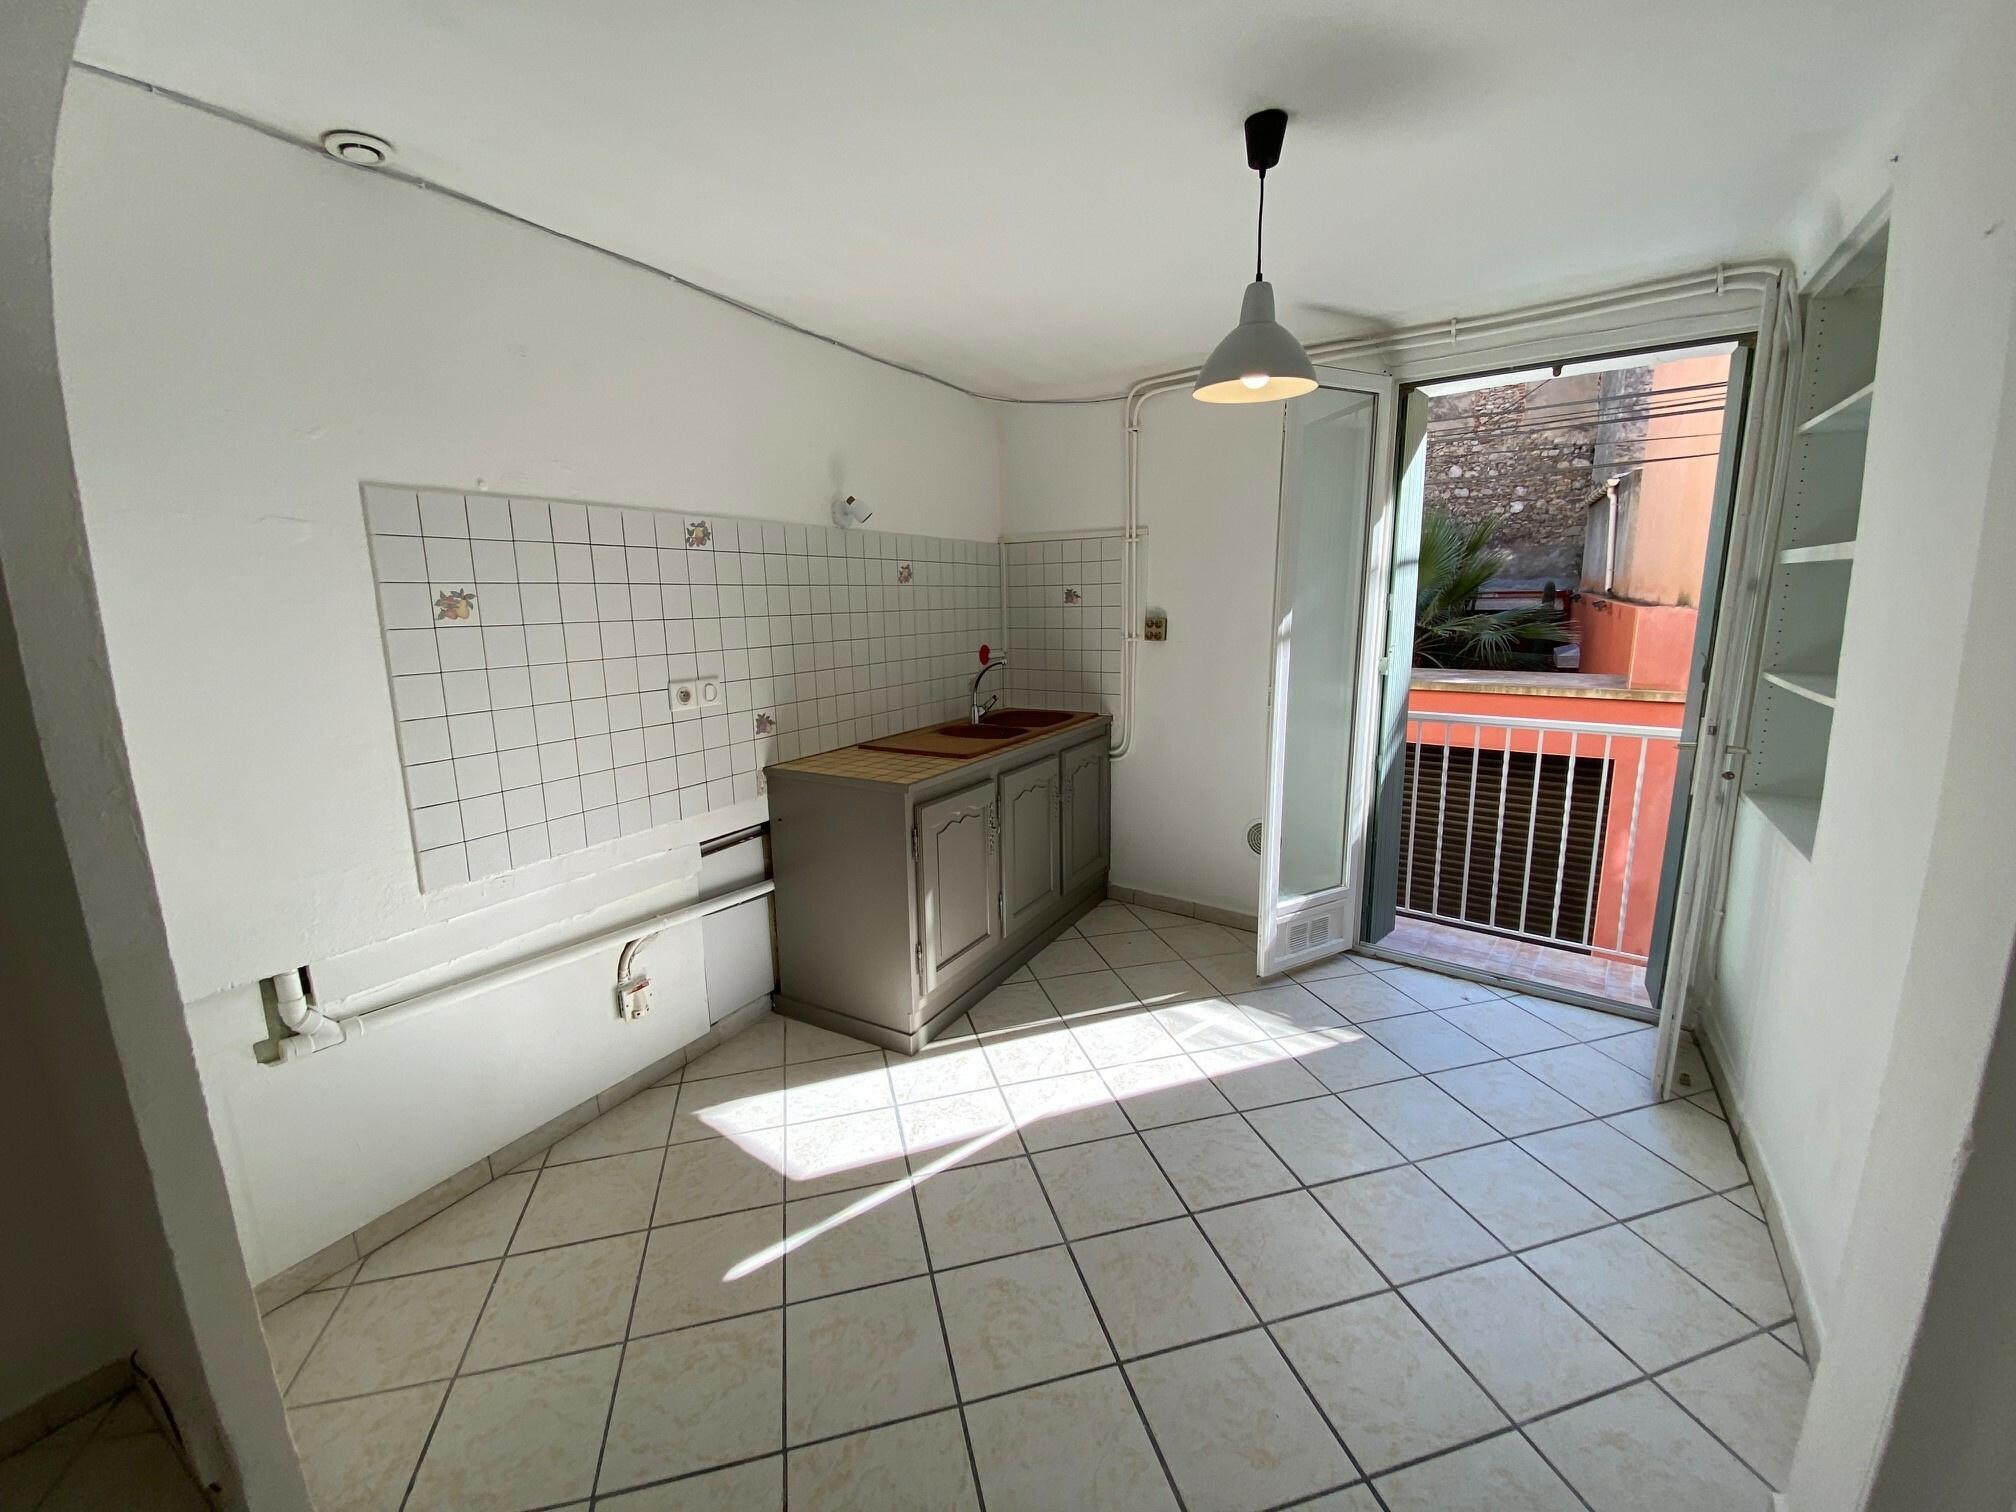 À vendre maison/villa de 41m2 à argeles sur mer (66700) - Photo 1'